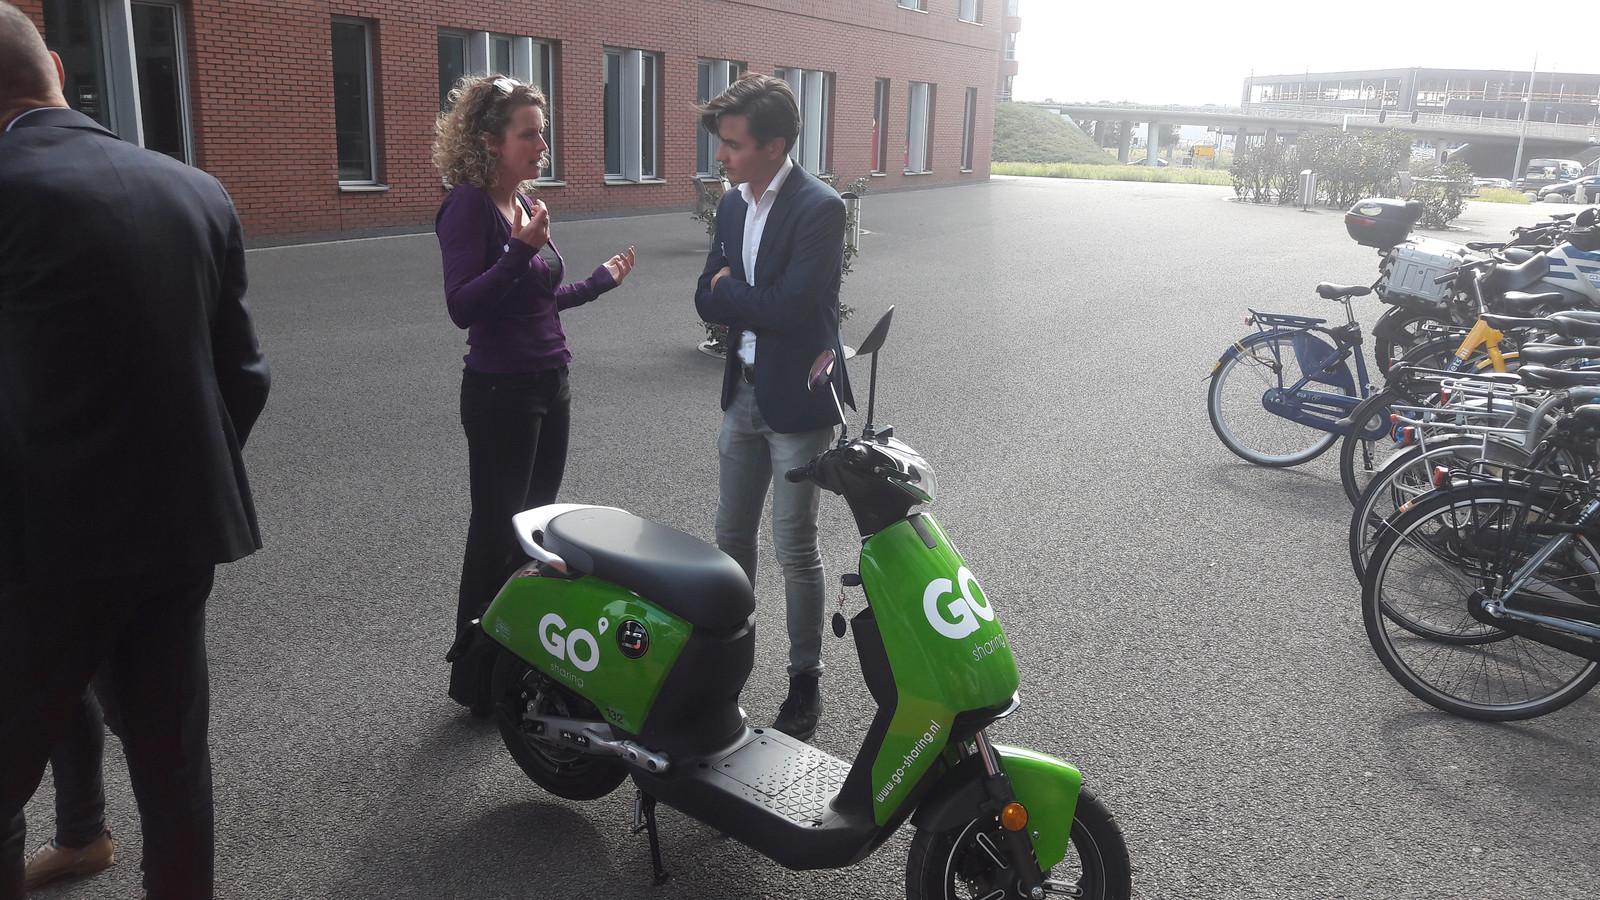 Willem de Vrij (rechts) van Go Sharing met een van de 200 elektrische deelscooters die de komende weken in Eindhoven worden uitgezet.